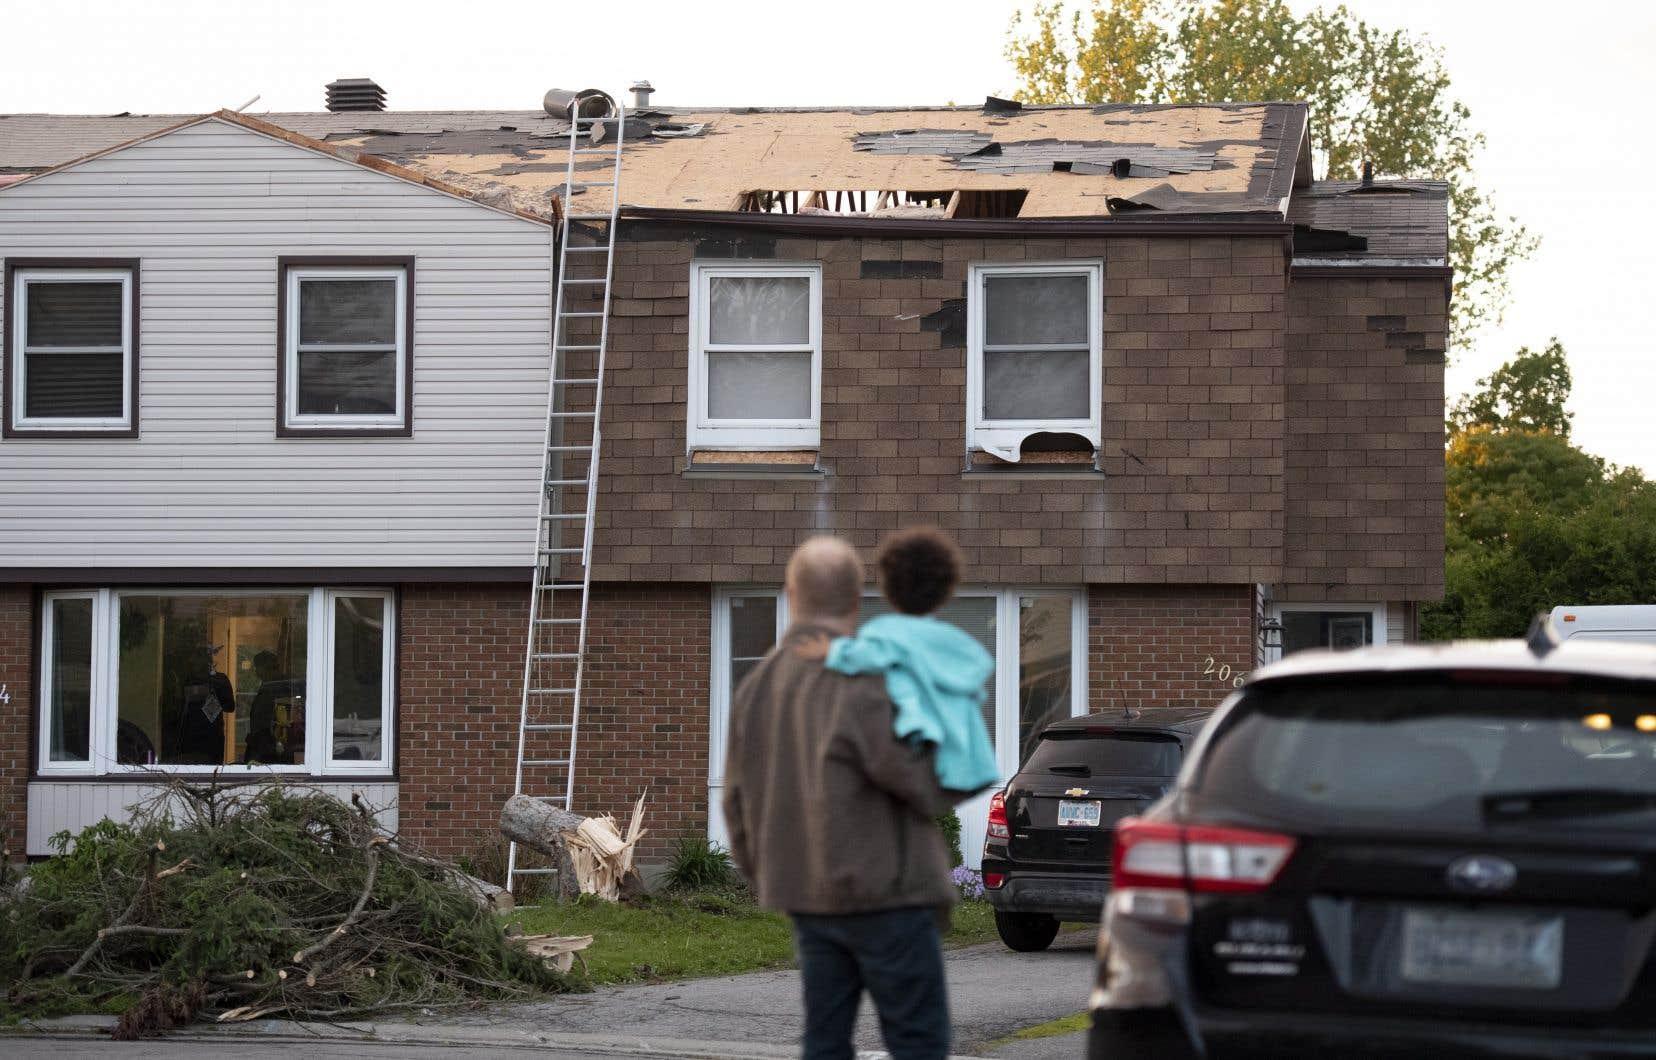 Bien qu'Environnement Canada ait diffusé des avertissements de tornade dans plusieurs régions de l'ouest du Québec et de l'est de l'Ontario, il n'y a pas eu de signalement pour le secteur d'Ottawa.